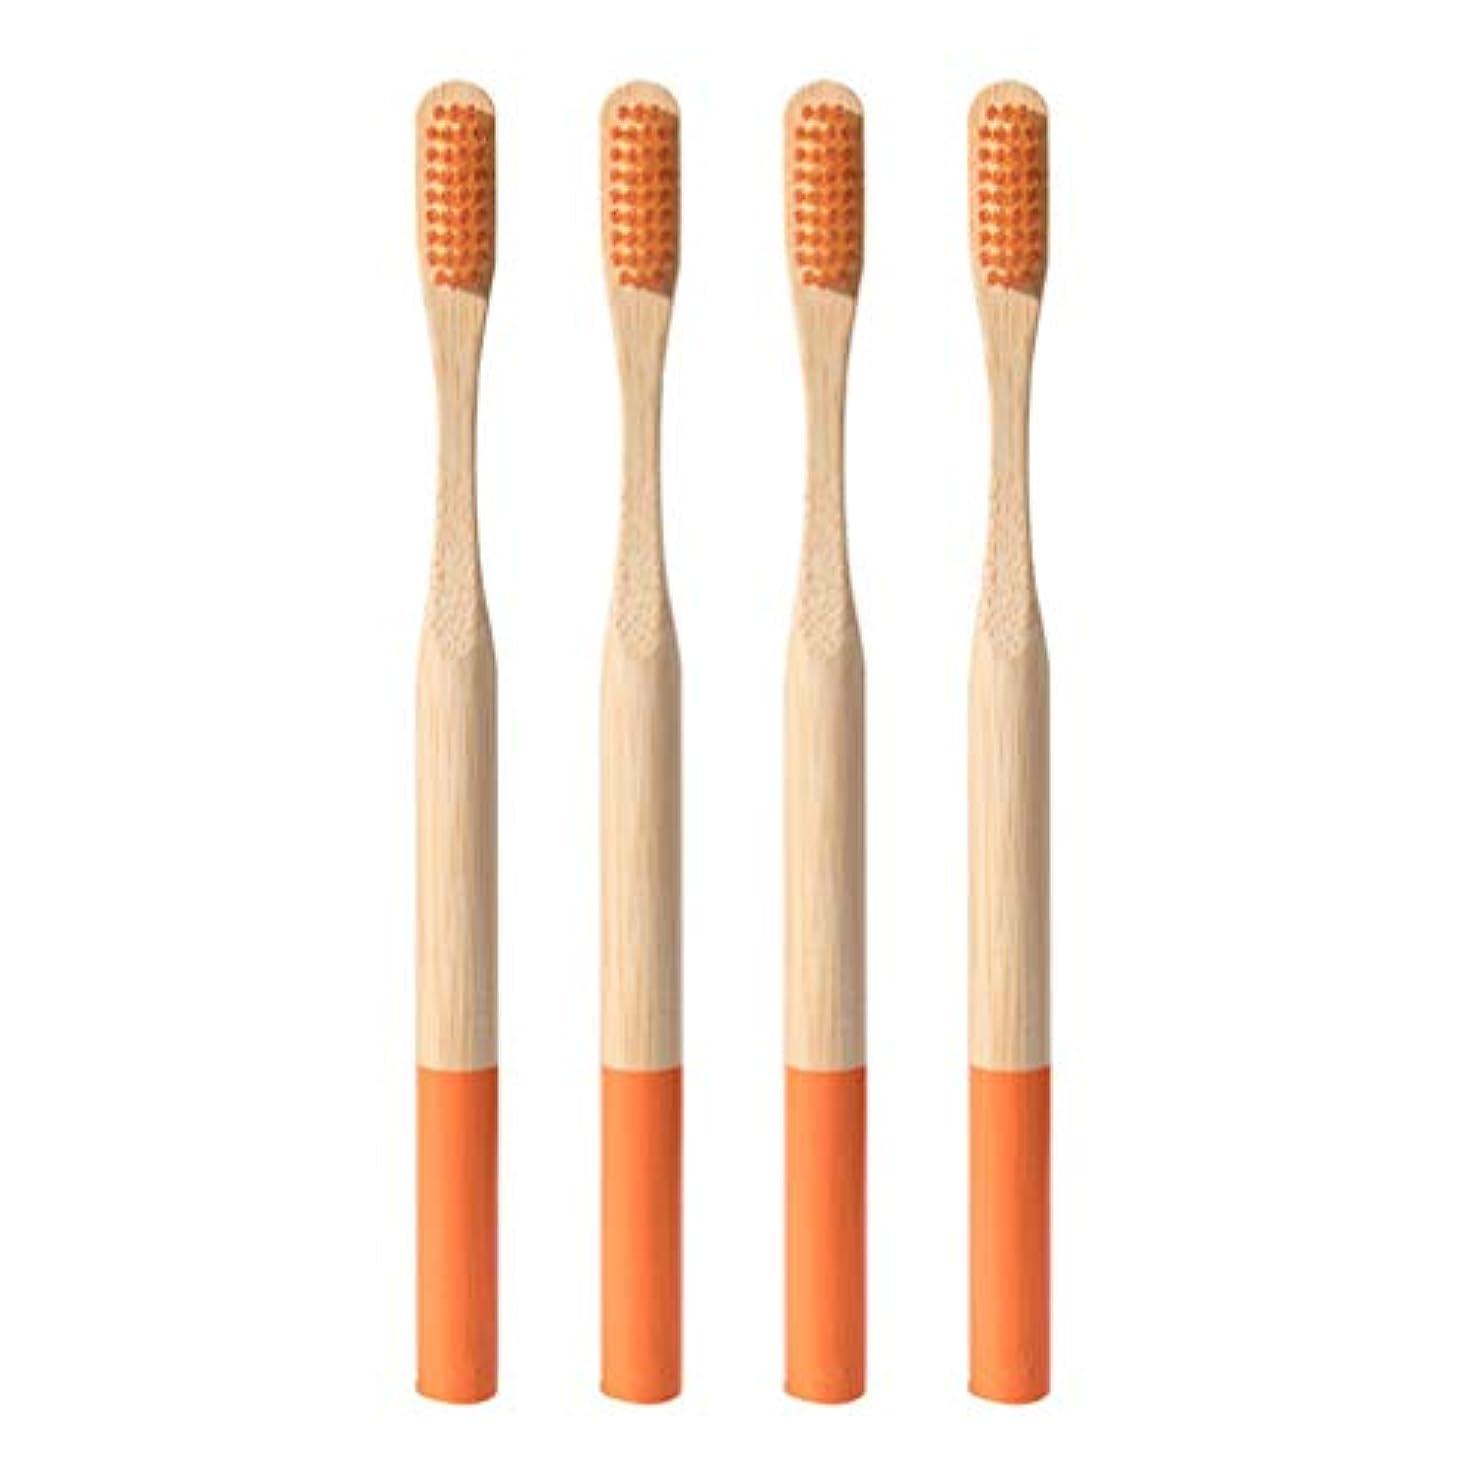 接続詞甘くするつぶすHeallily 竹歯ブラシ4ピースソフトブリスル歯ブラシ生分解性、環境に優しいソフト歯ブラシ、大人用の細い毛を備えた抗菌歯ブラシ(オレンジ)